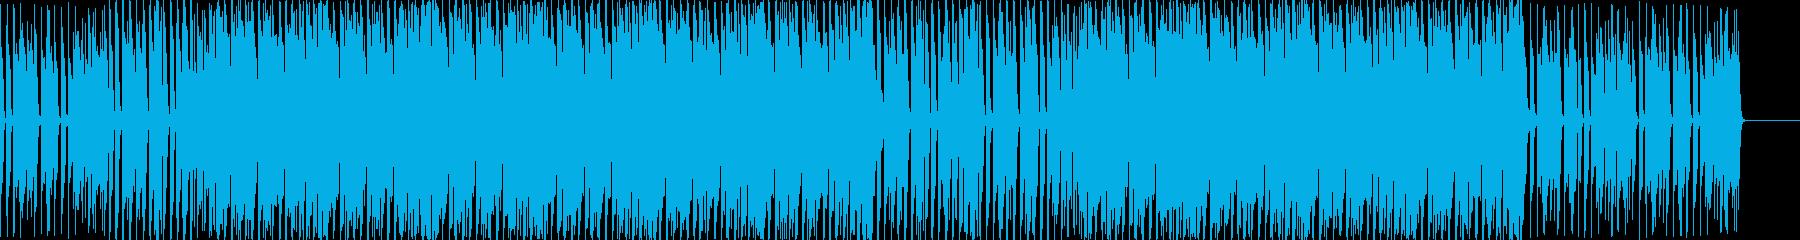 ポップ アクション 繰り返しの フ...の再生済みの波形